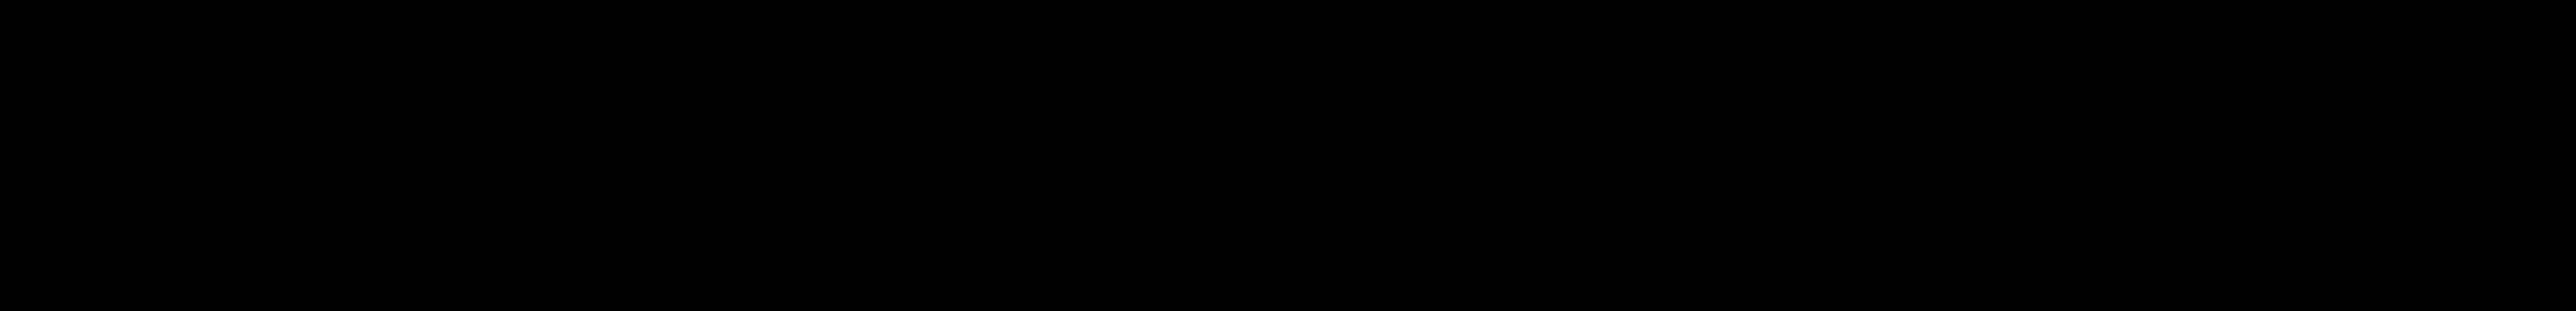 Copy of Boho Home Decor